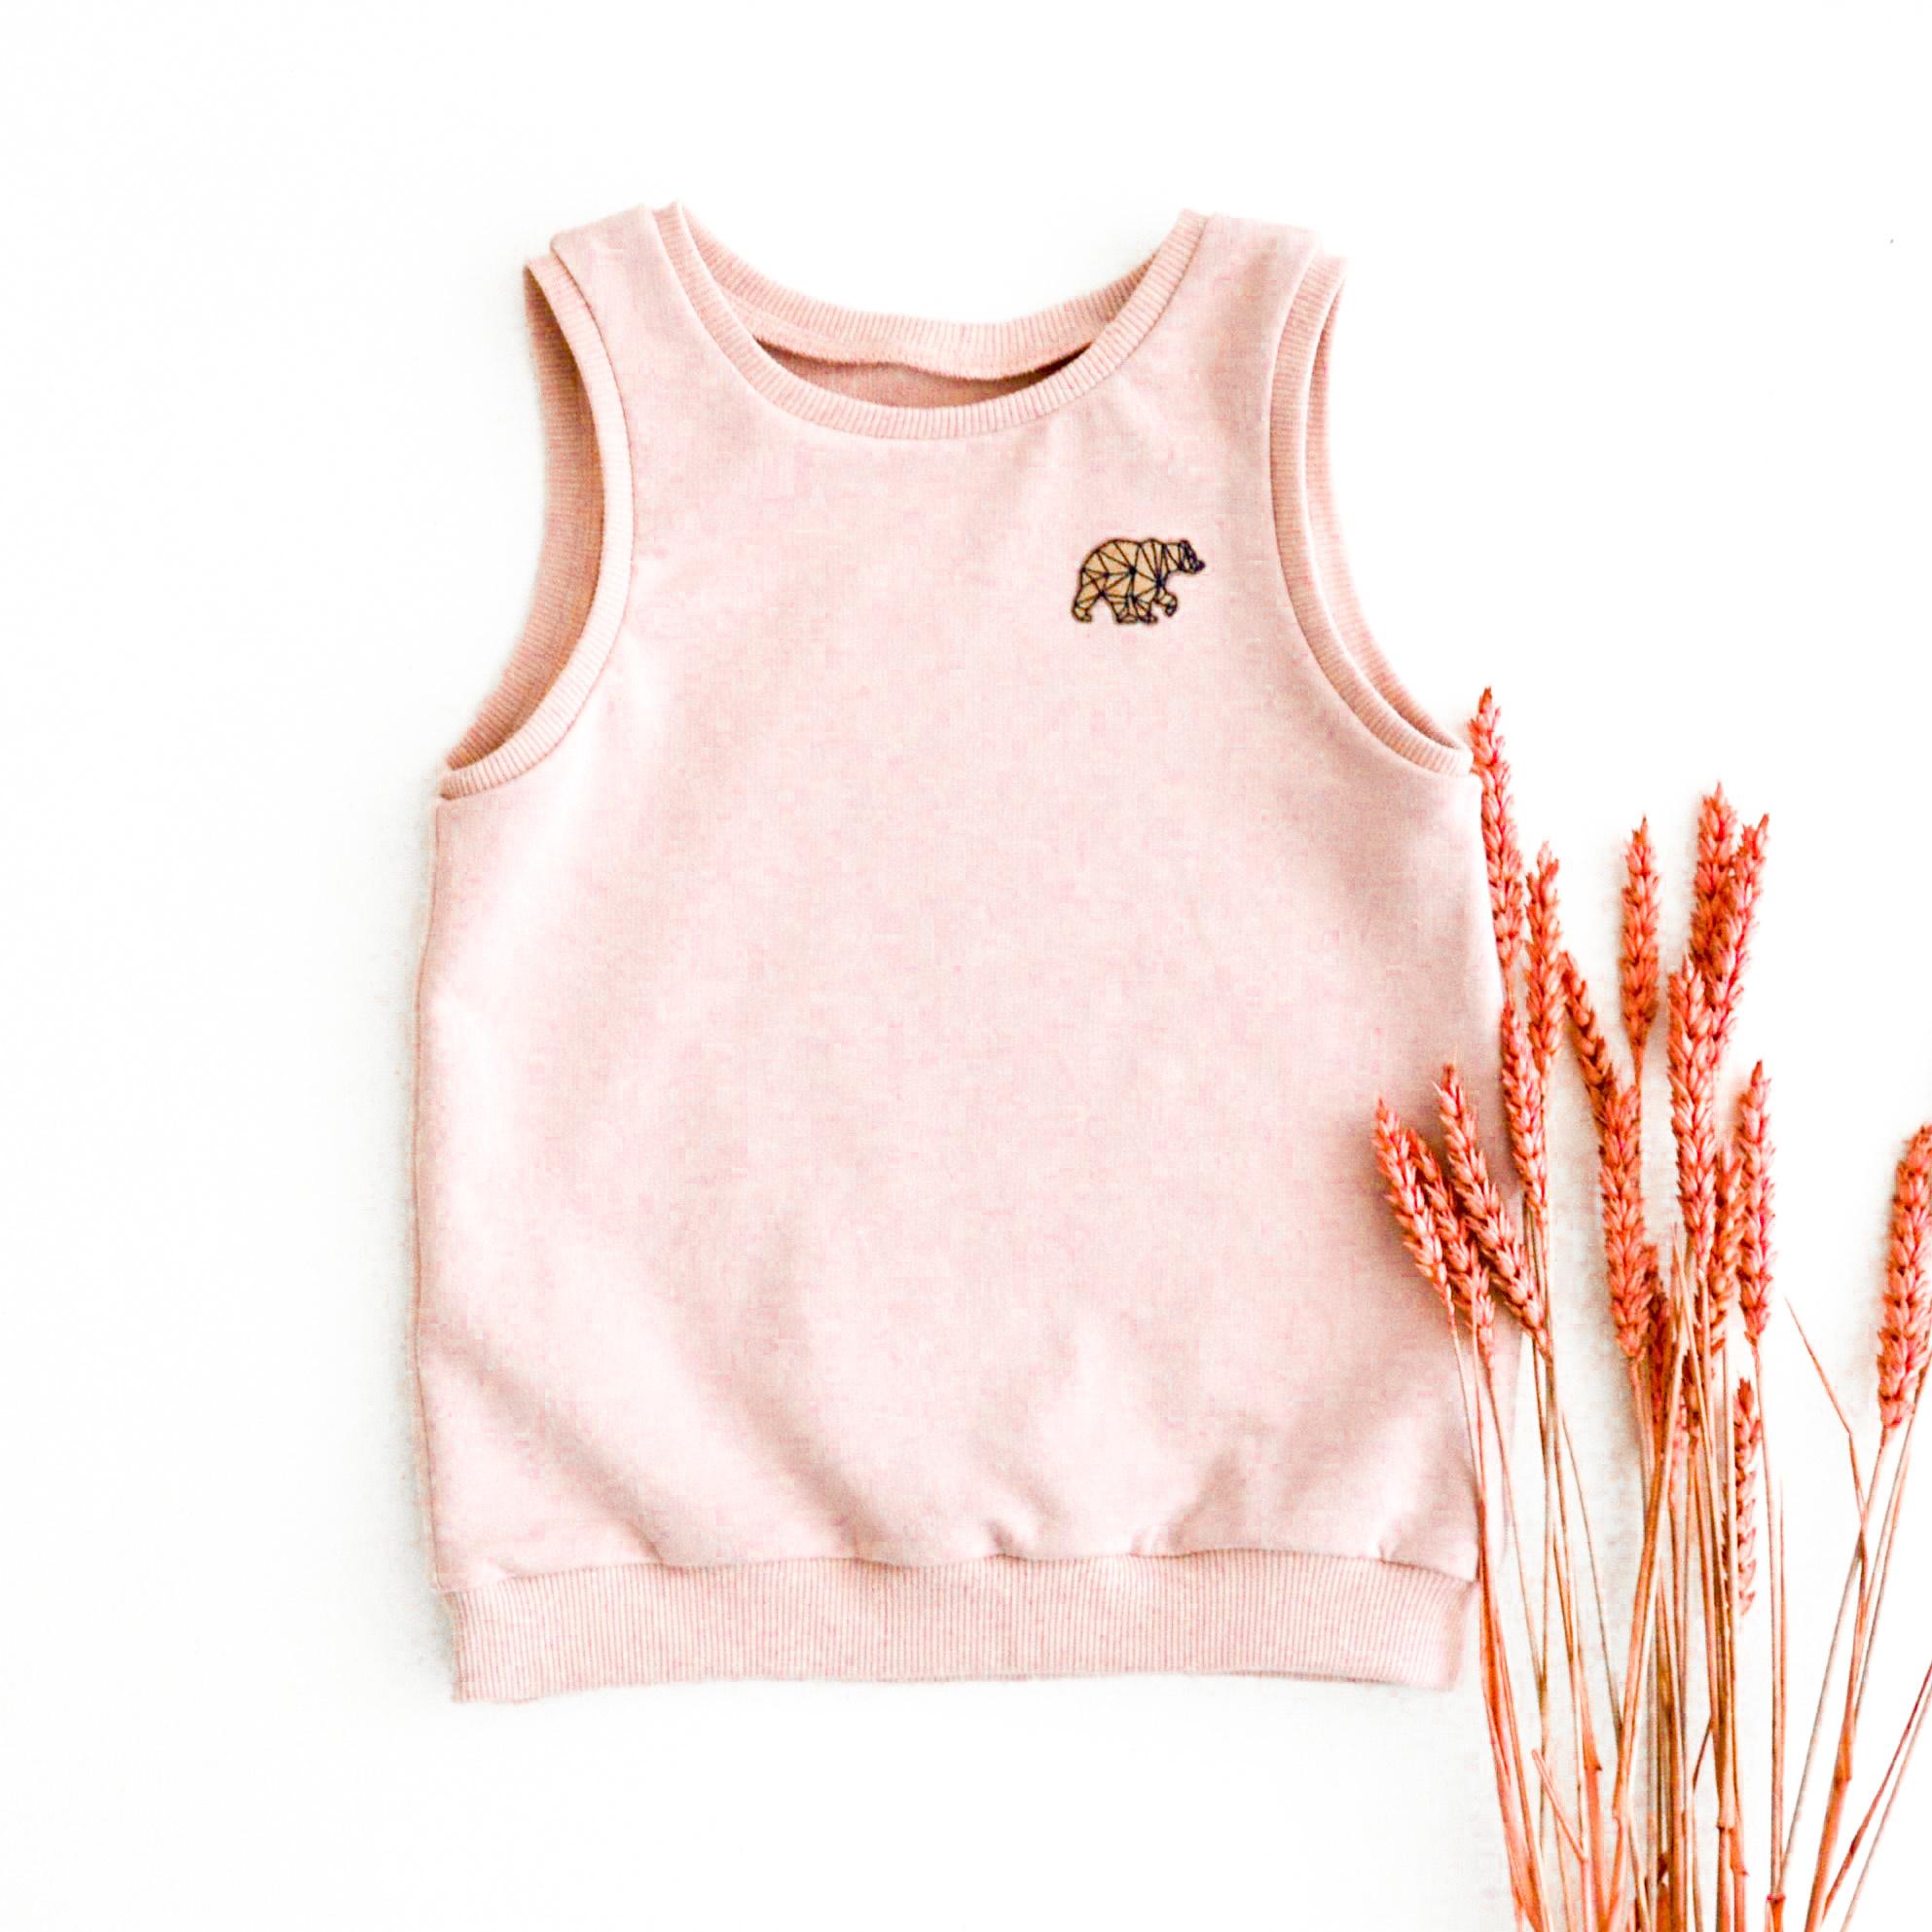 Coco - Sweaterjurk/top-12